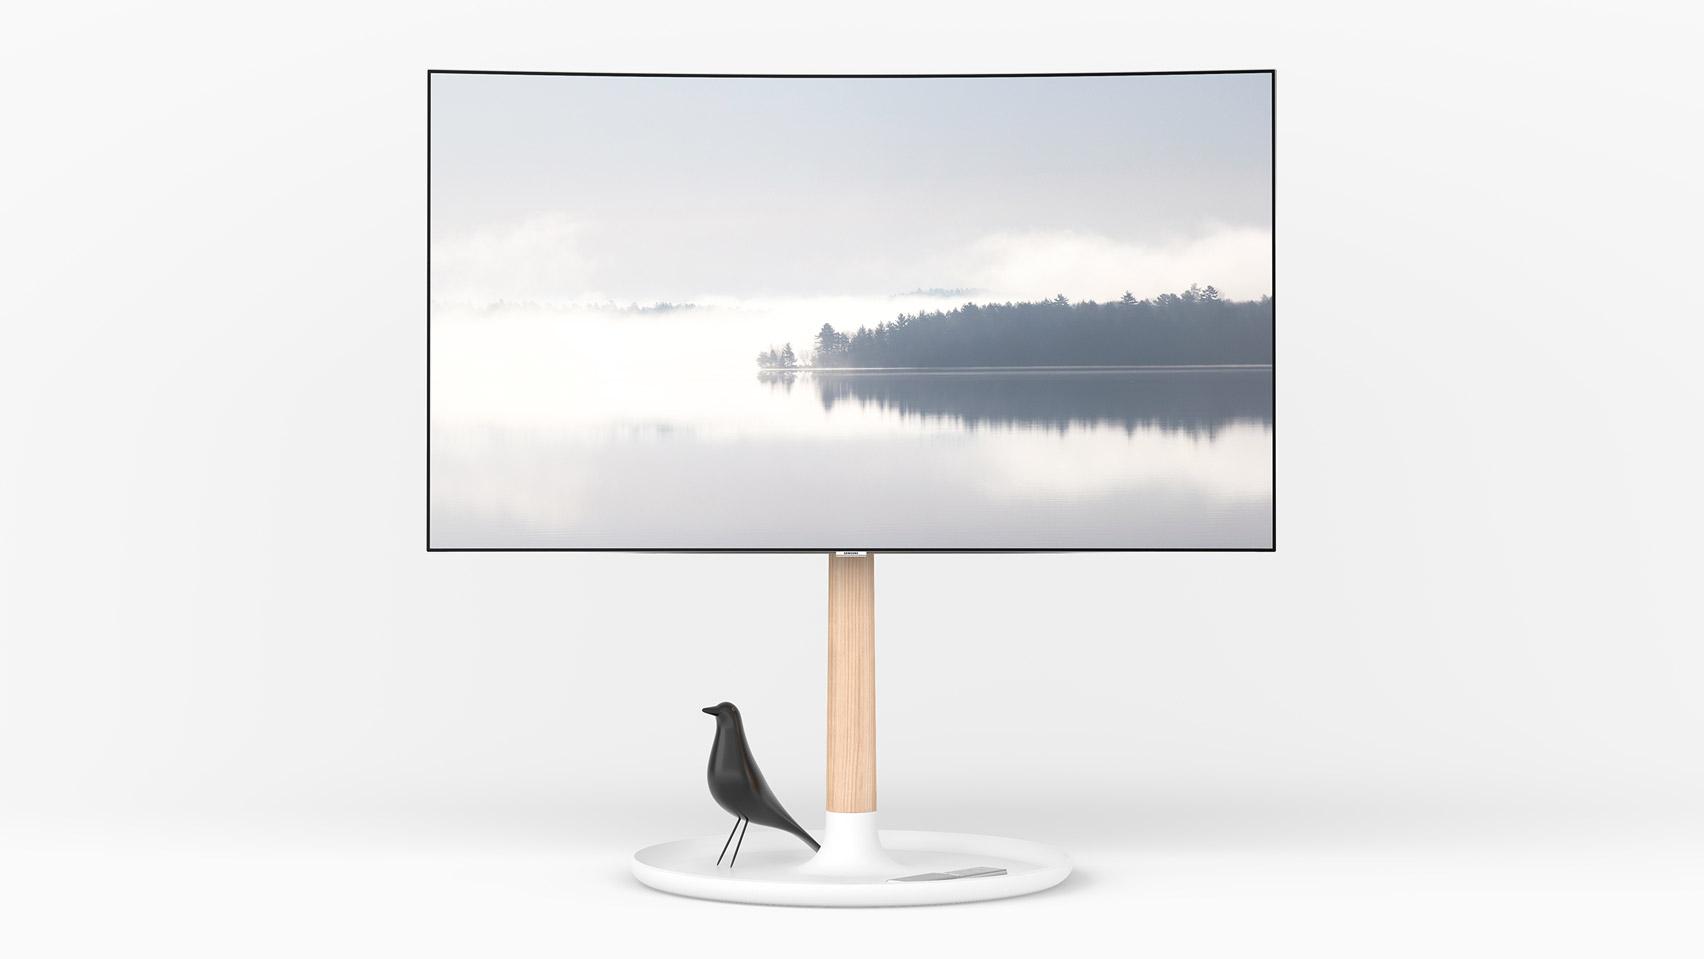 Finalists of Dezeen and Samsung's €30,000 TV stand design